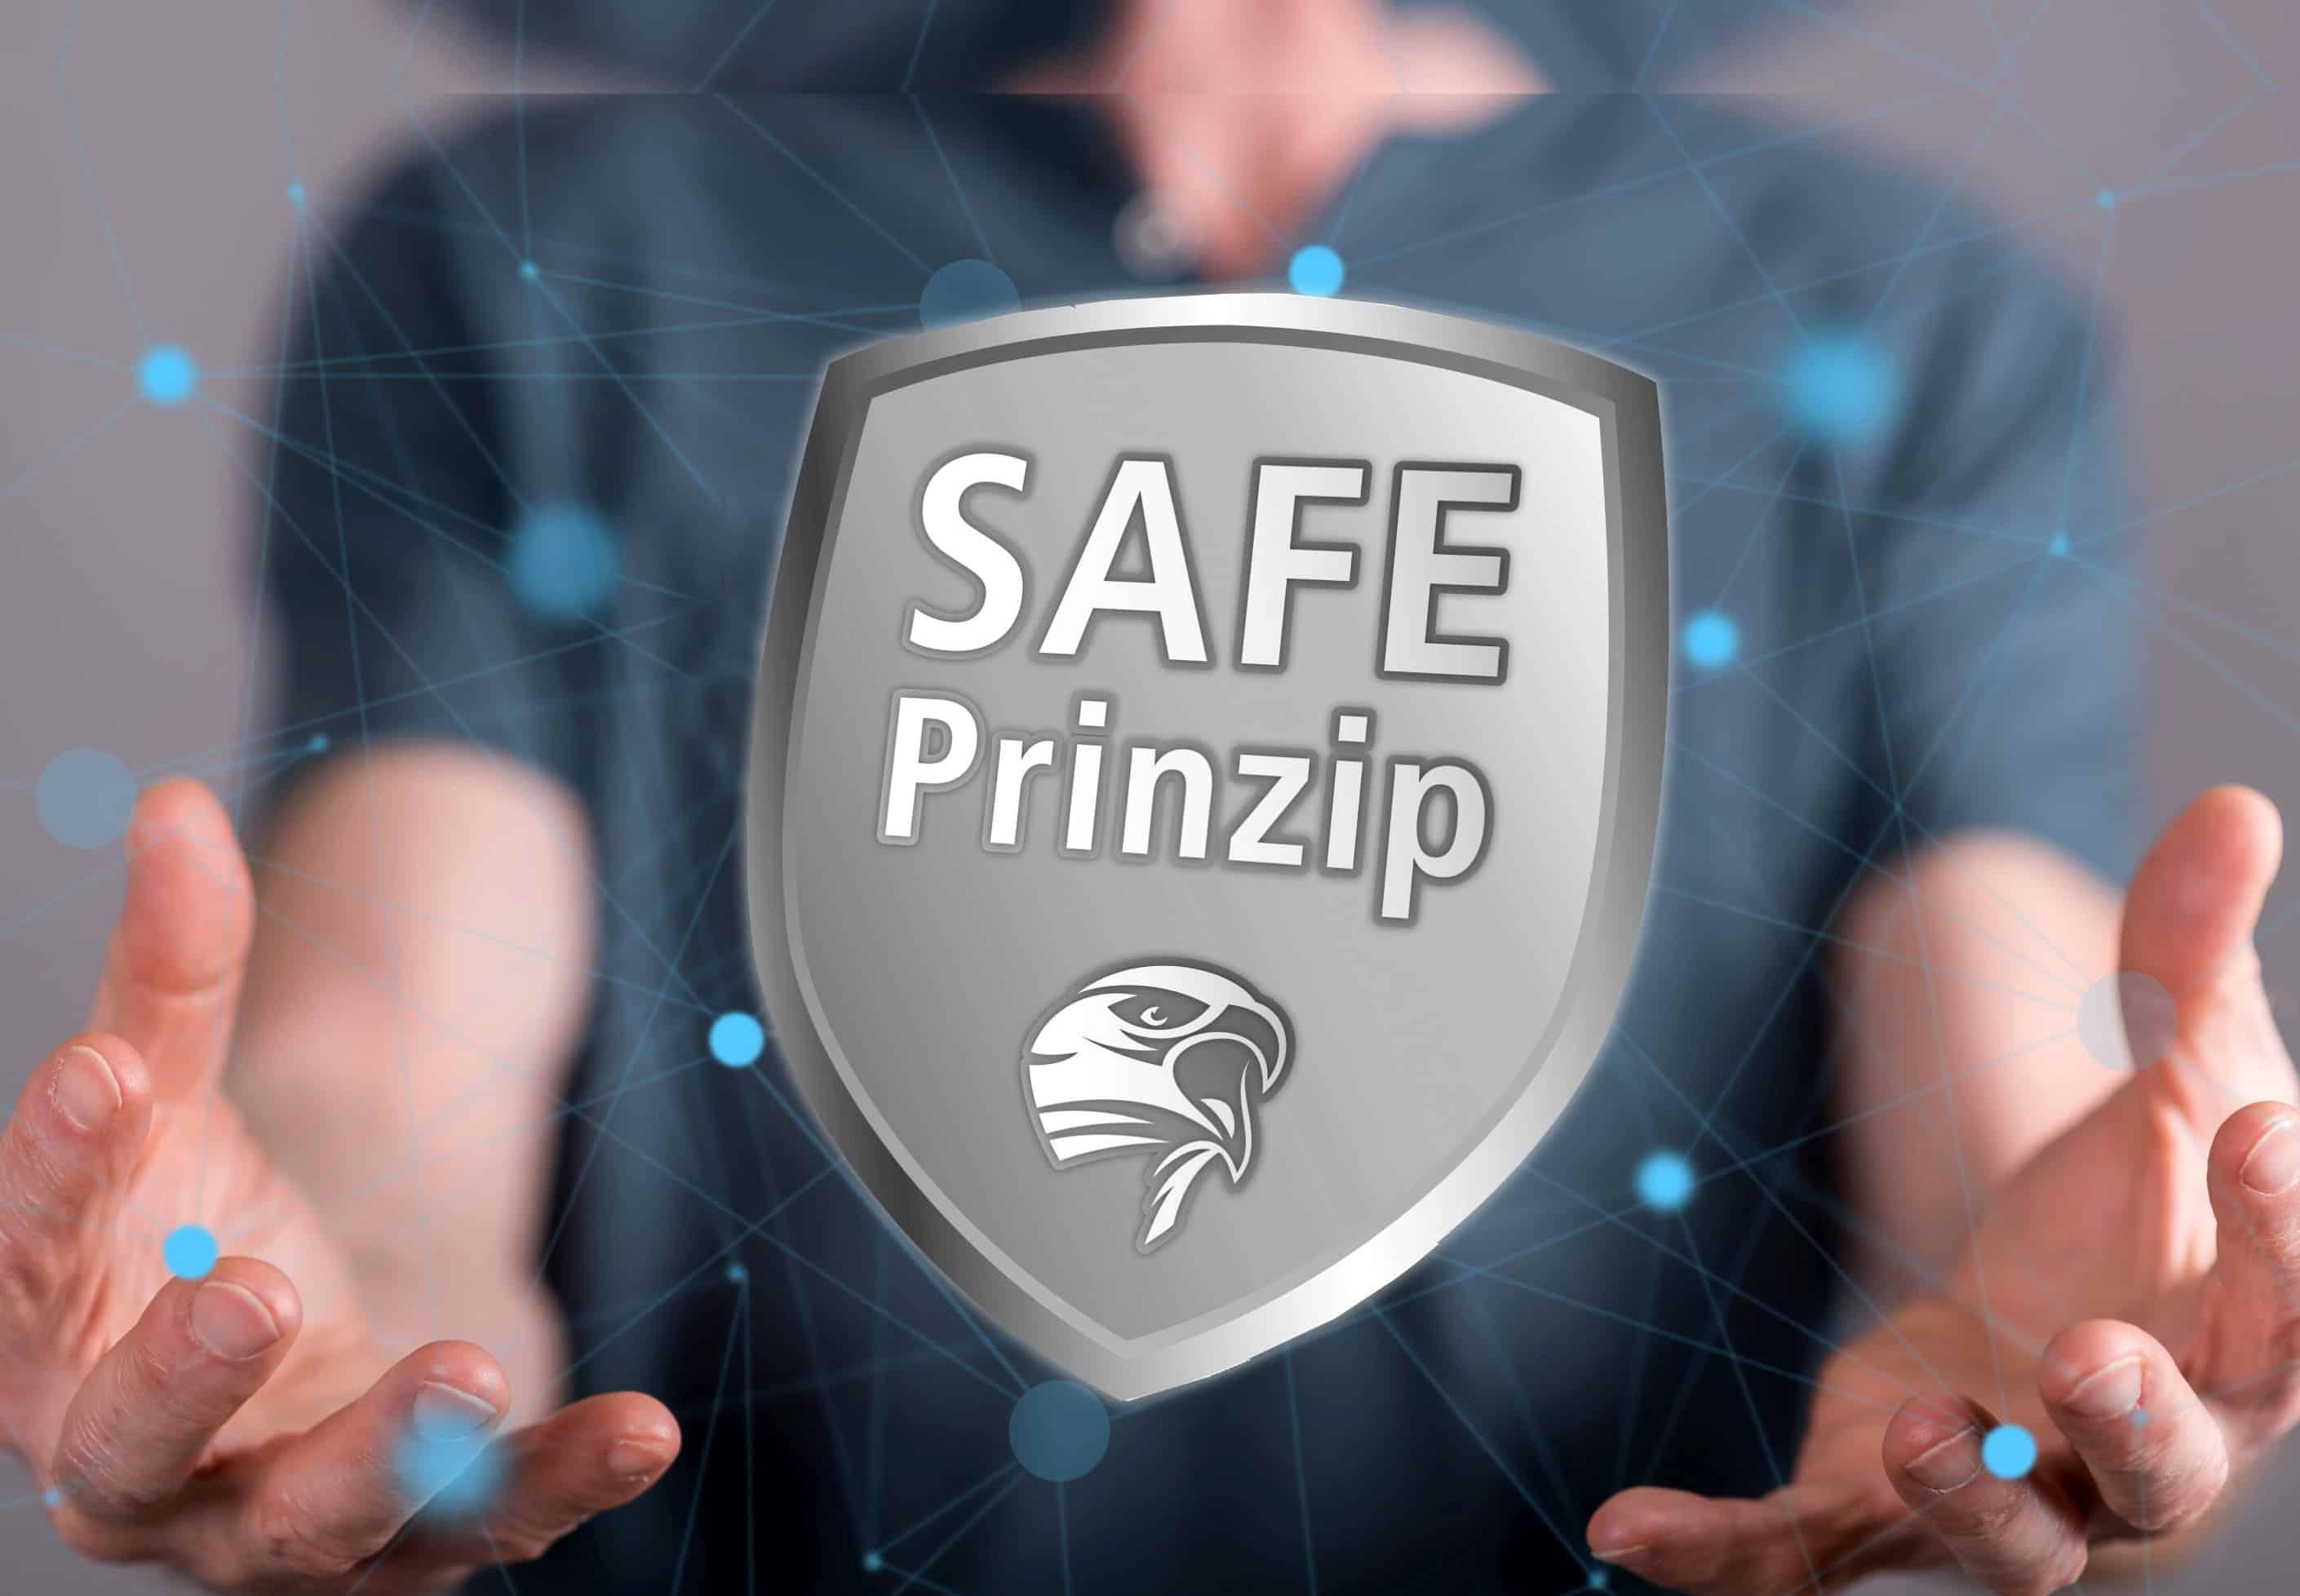 SAFE-Prinzip